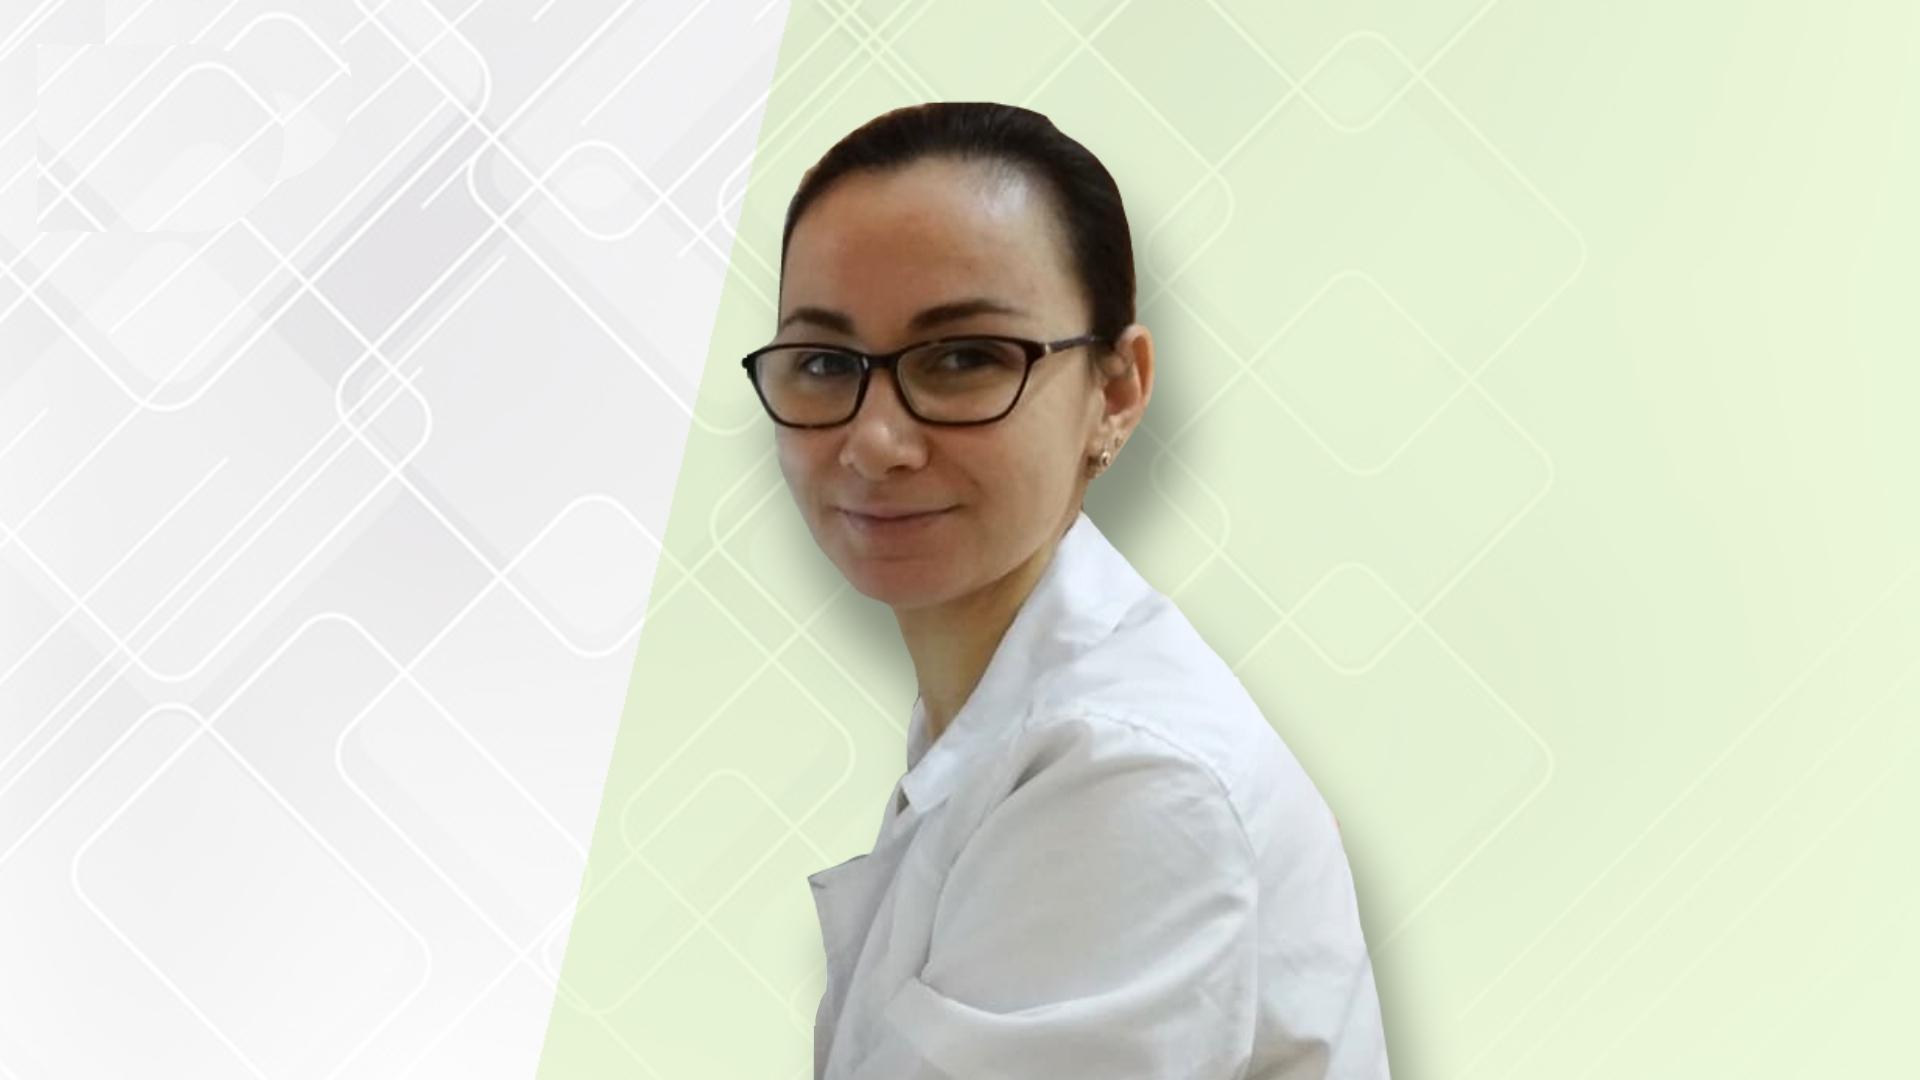 Скоро на ААГ! О преэкзампсии с разных ракурсов: МКБ, протоколы, клиническая практика